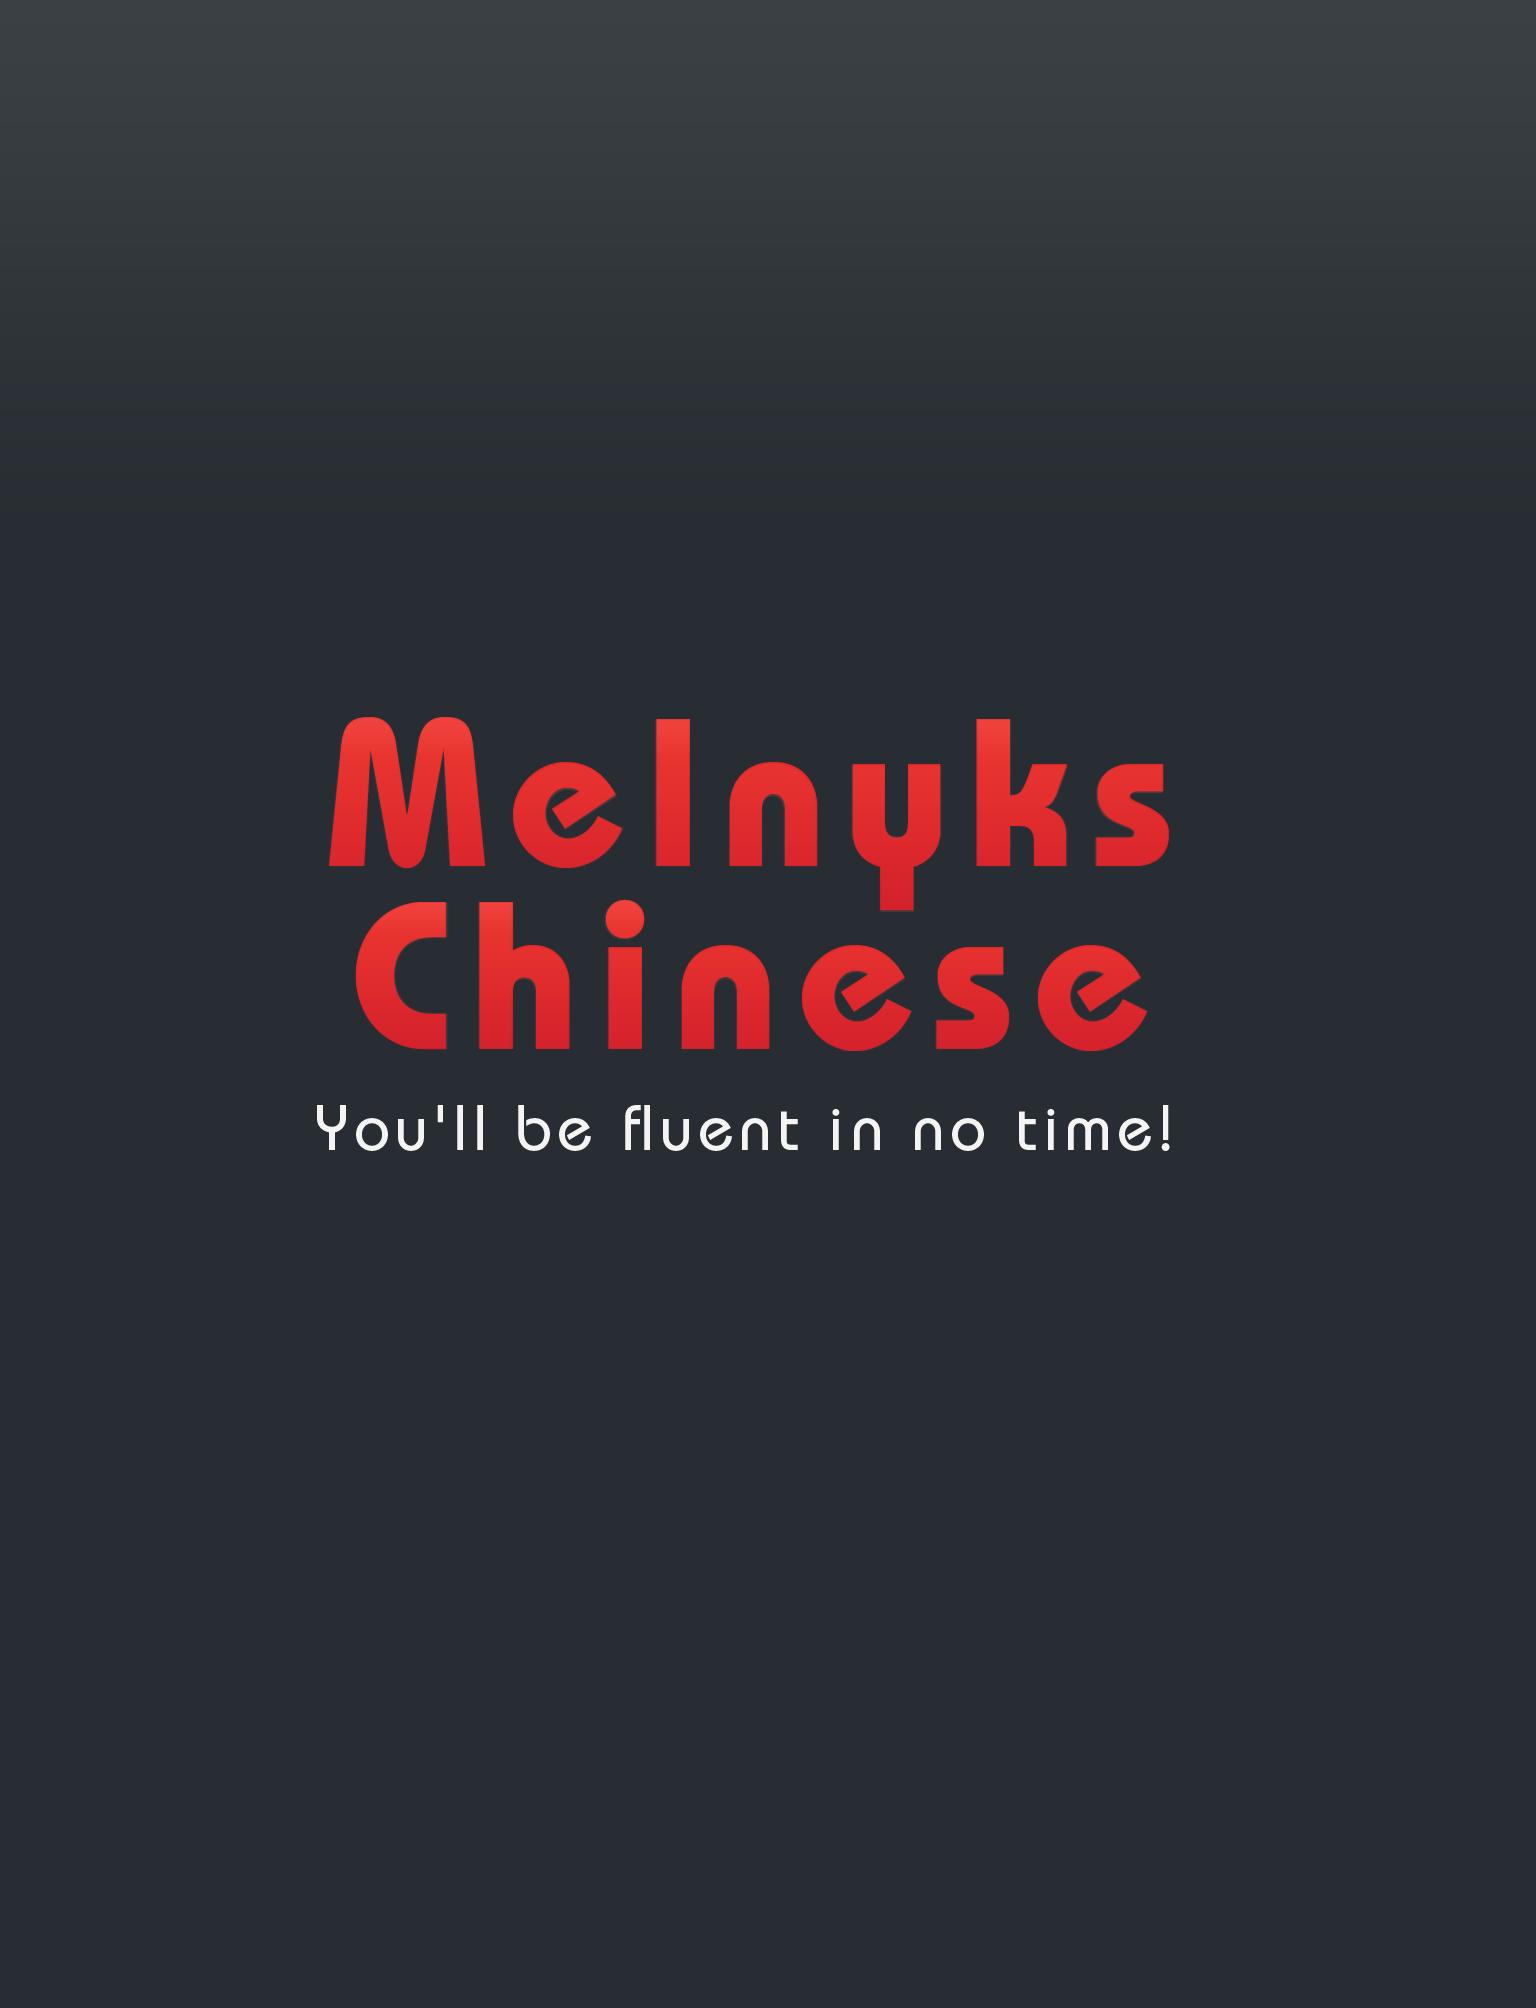 Melnyks Chinese